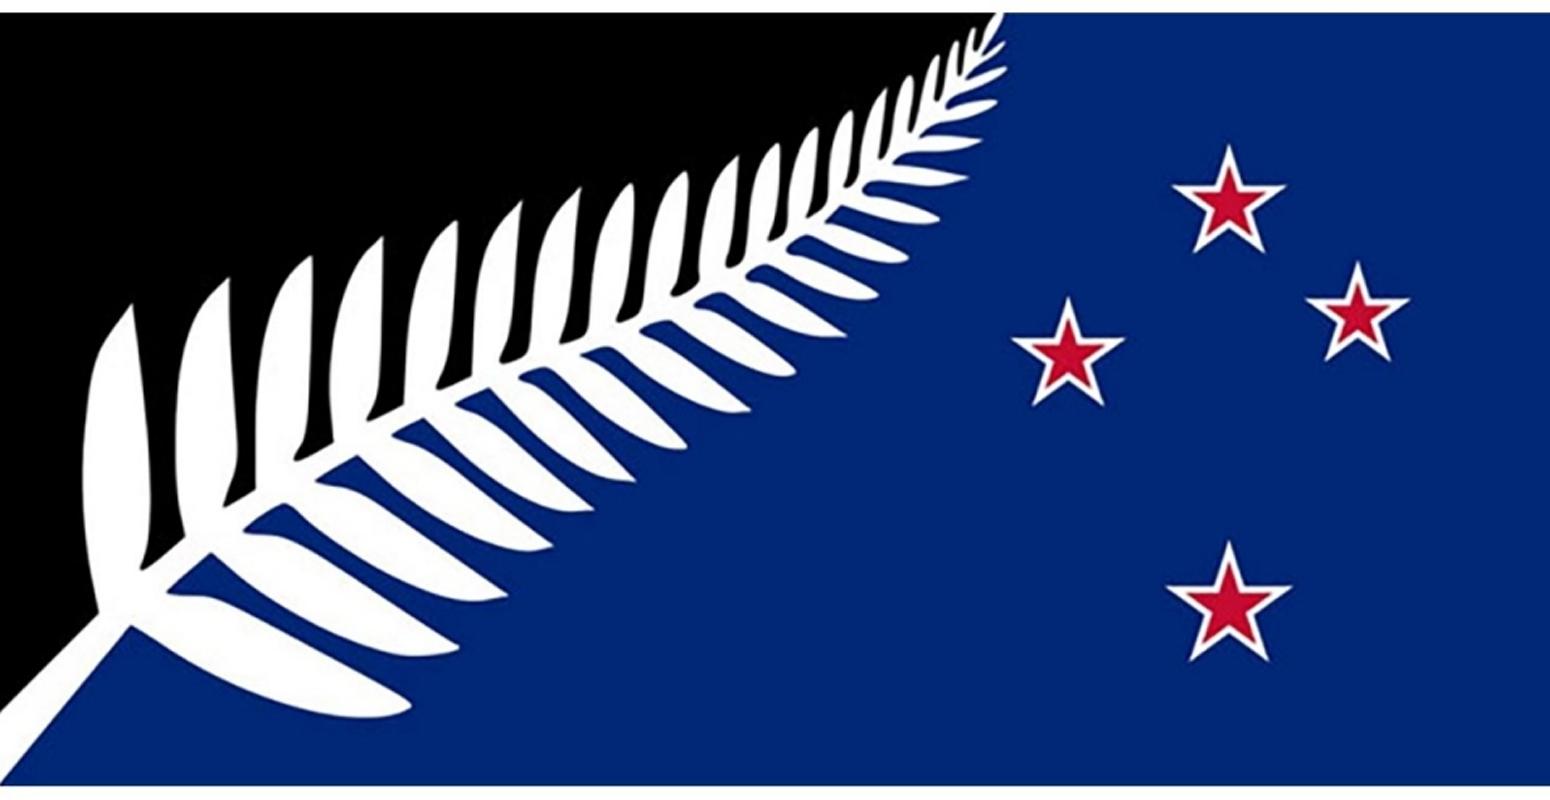 ニュージーランド 国旗 新しい